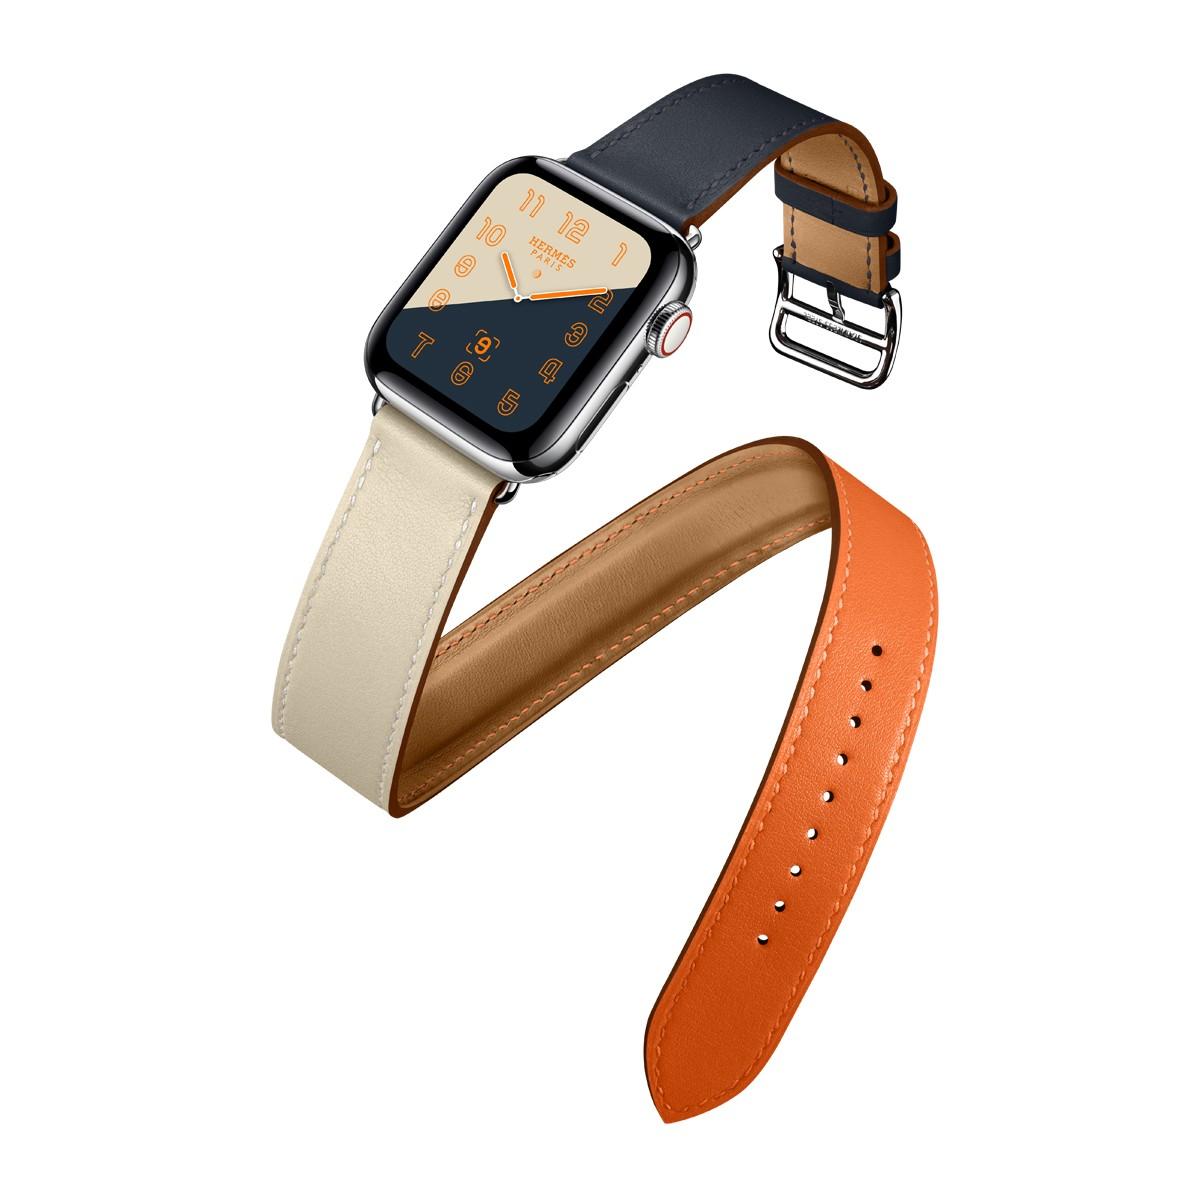 Apple Watch Series 4 x Hermès (Foto: Divulgação)